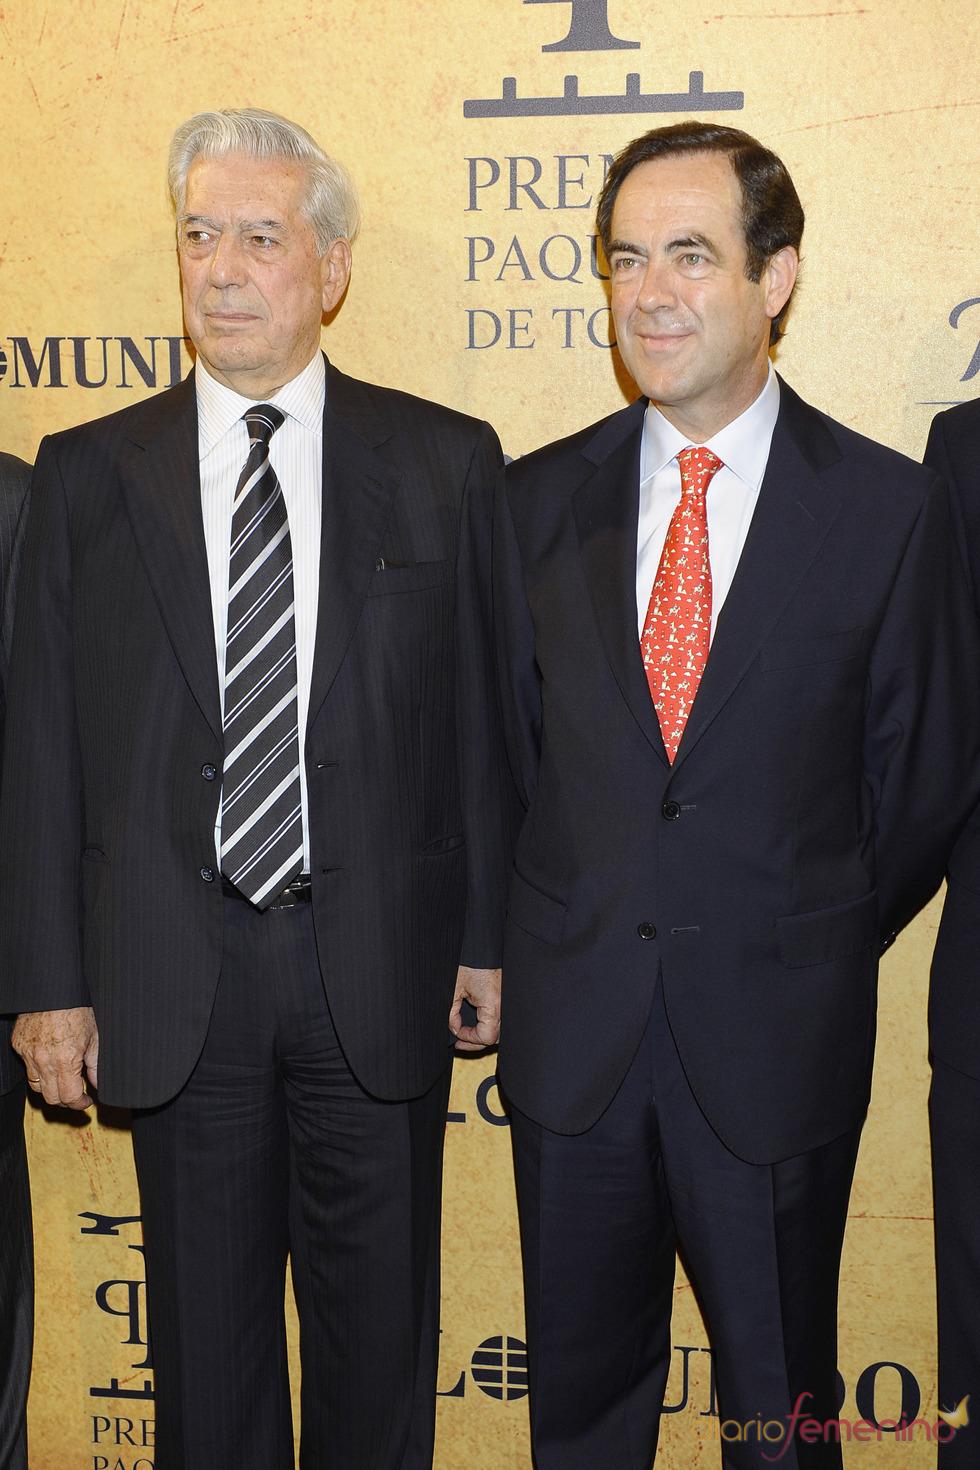 José Bono y Mario Vargas Llosa en los Premios Paquiro 2011